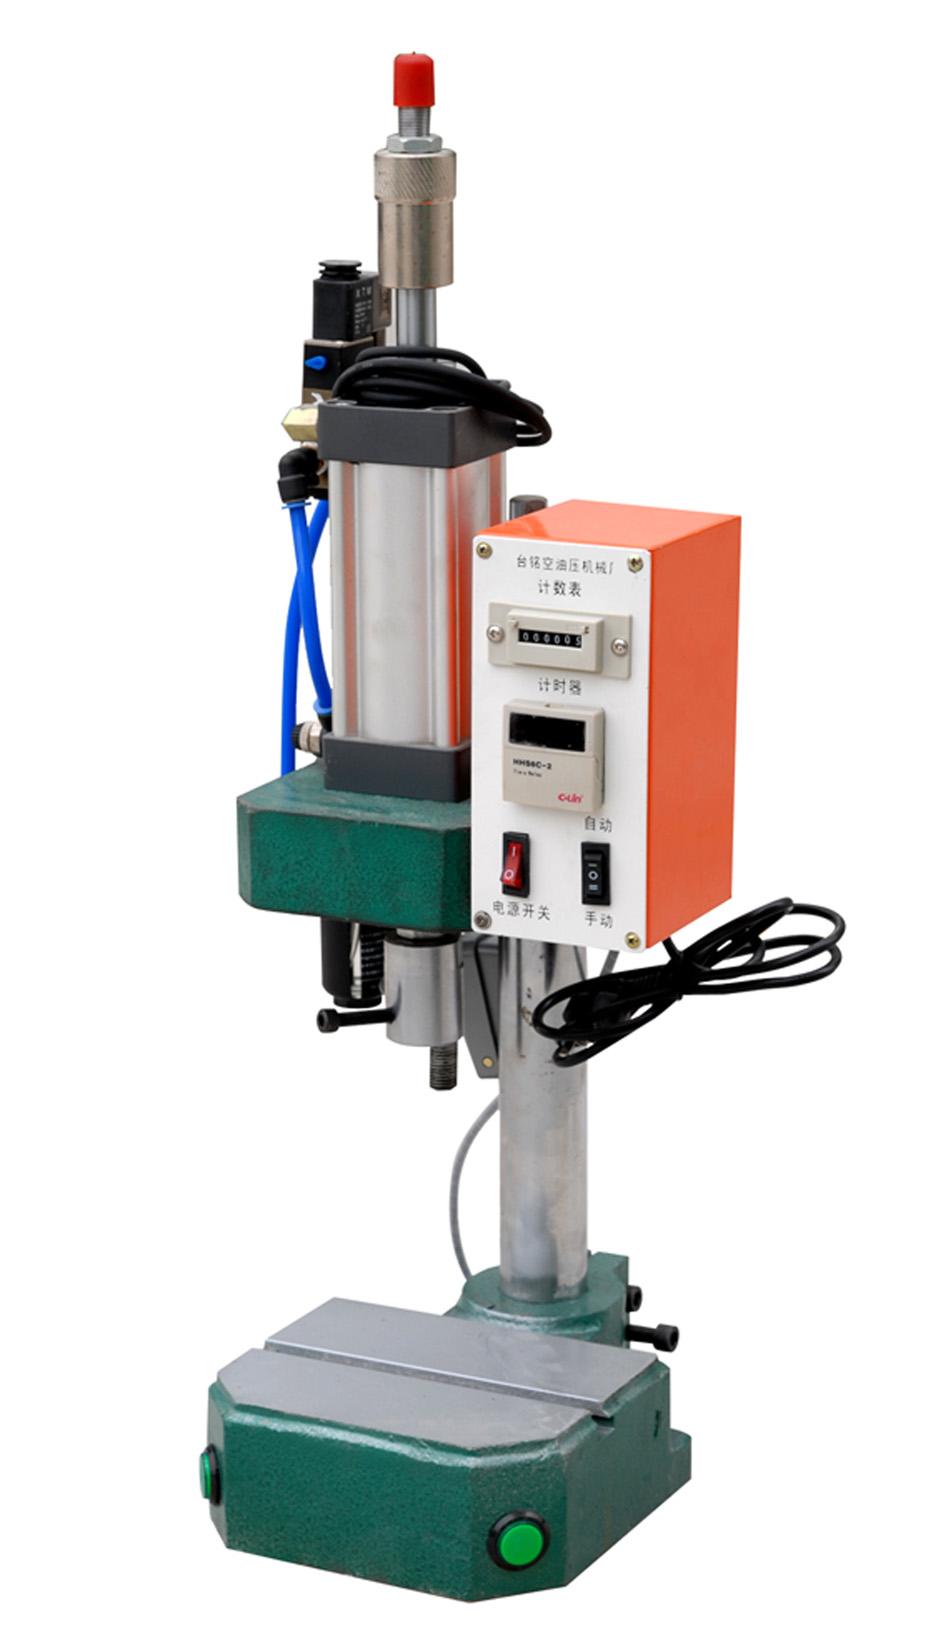 气动压床,气动压装机,小型冲压机 - [定型机,定型机] - 全球塑胶网